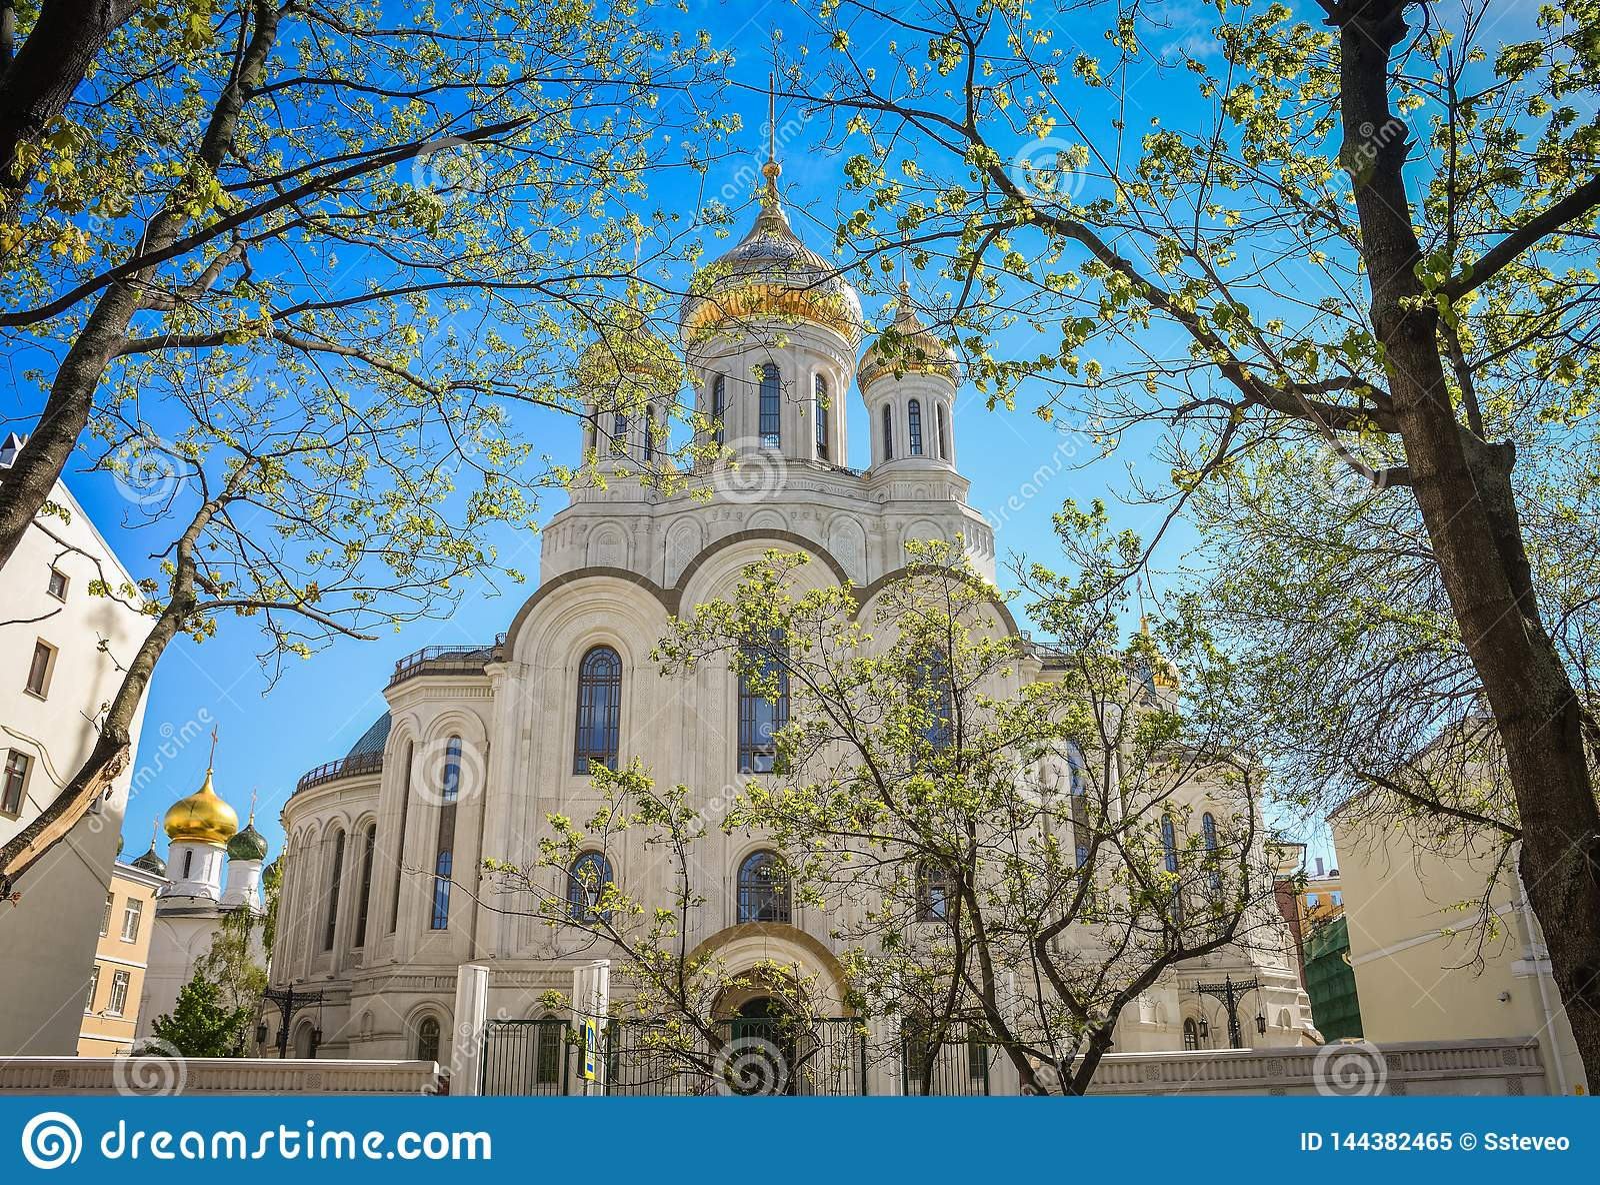 Église avec les dômes d or à la lumière du soleil parmi des arbres